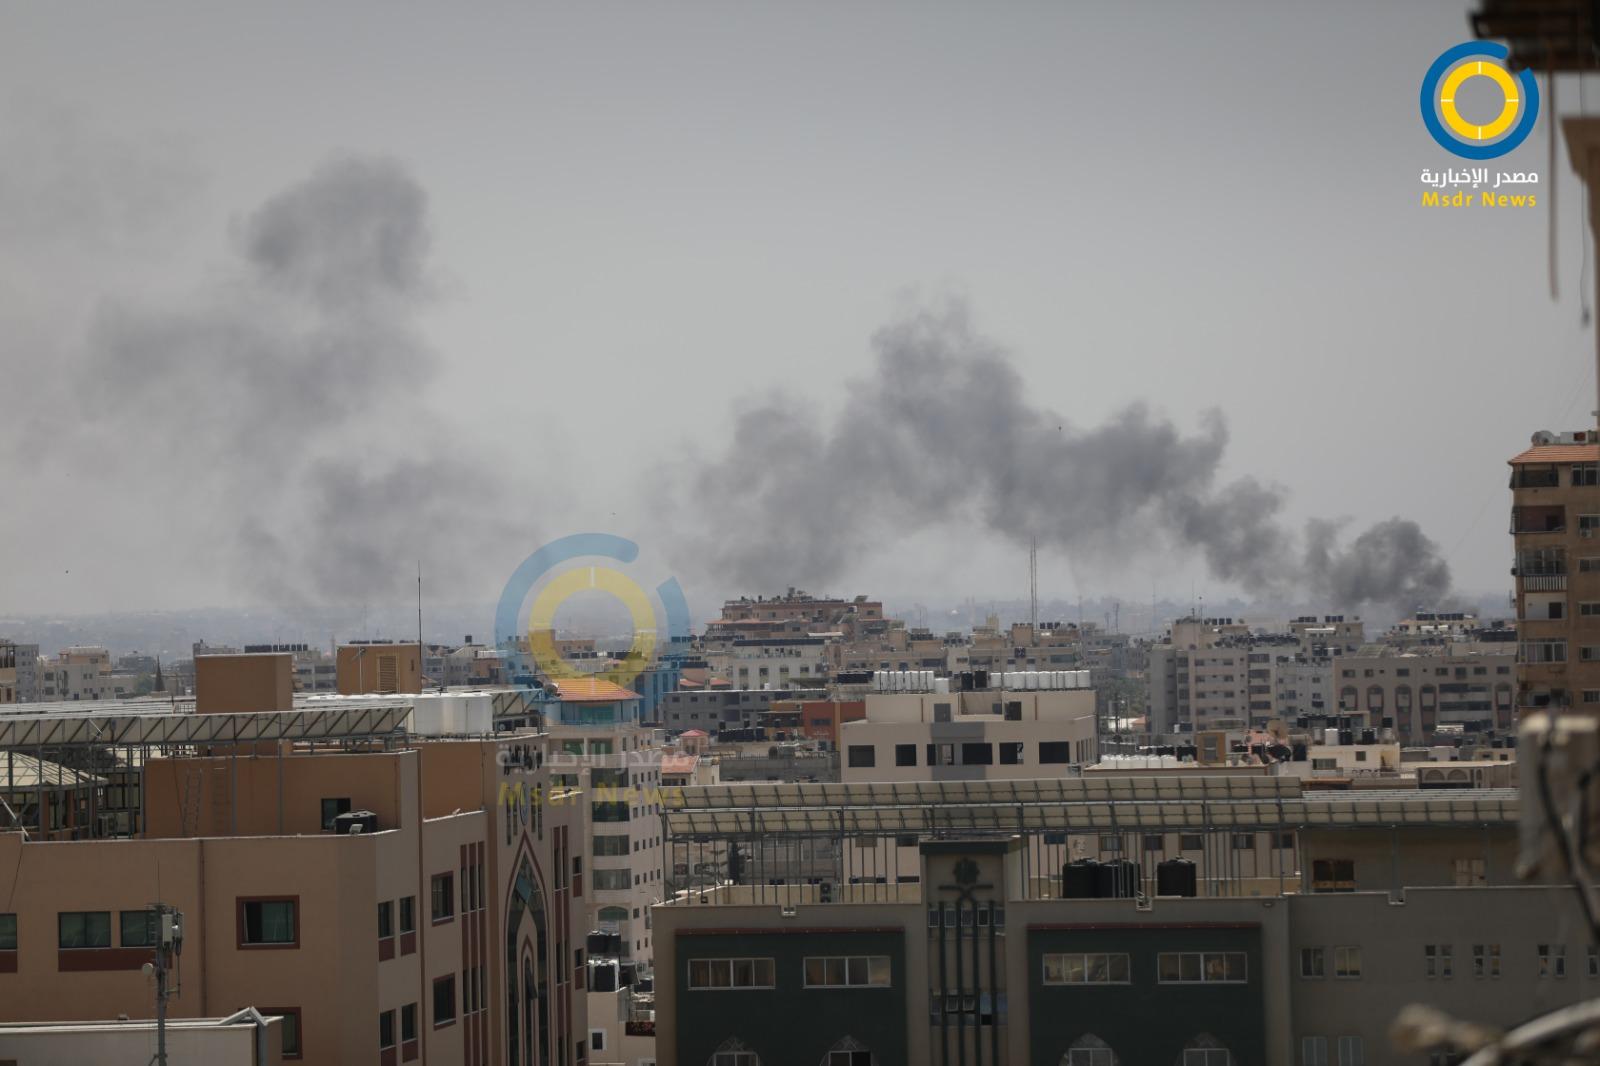 منح مالية من الحكومة لشركات متضررة في العدوان الأخير على غزة